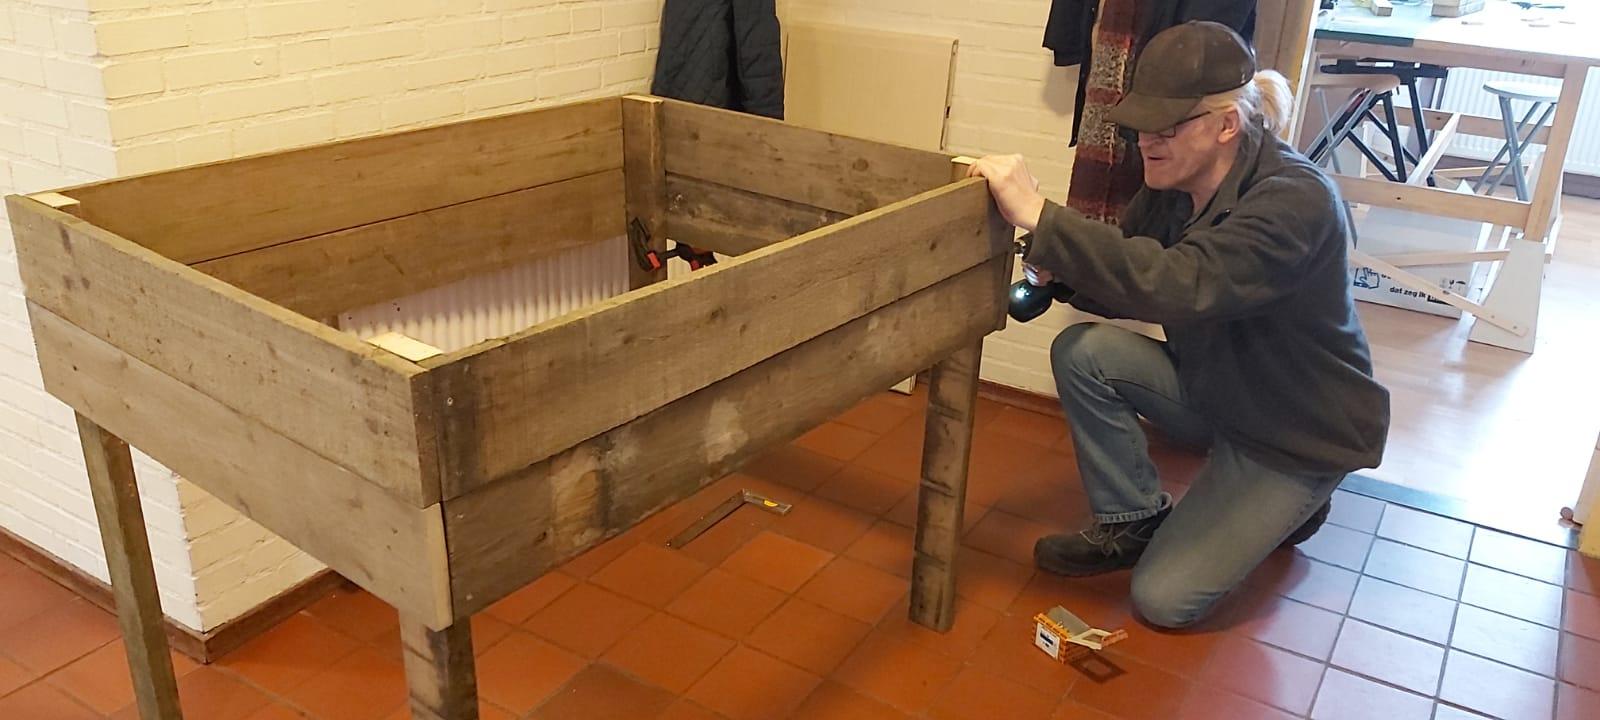 Met extra planken aan de zijkant wordt er meer diepte gecreëerd, zodat ook groente met een lange wortel in de bak kunnen worden geplant.